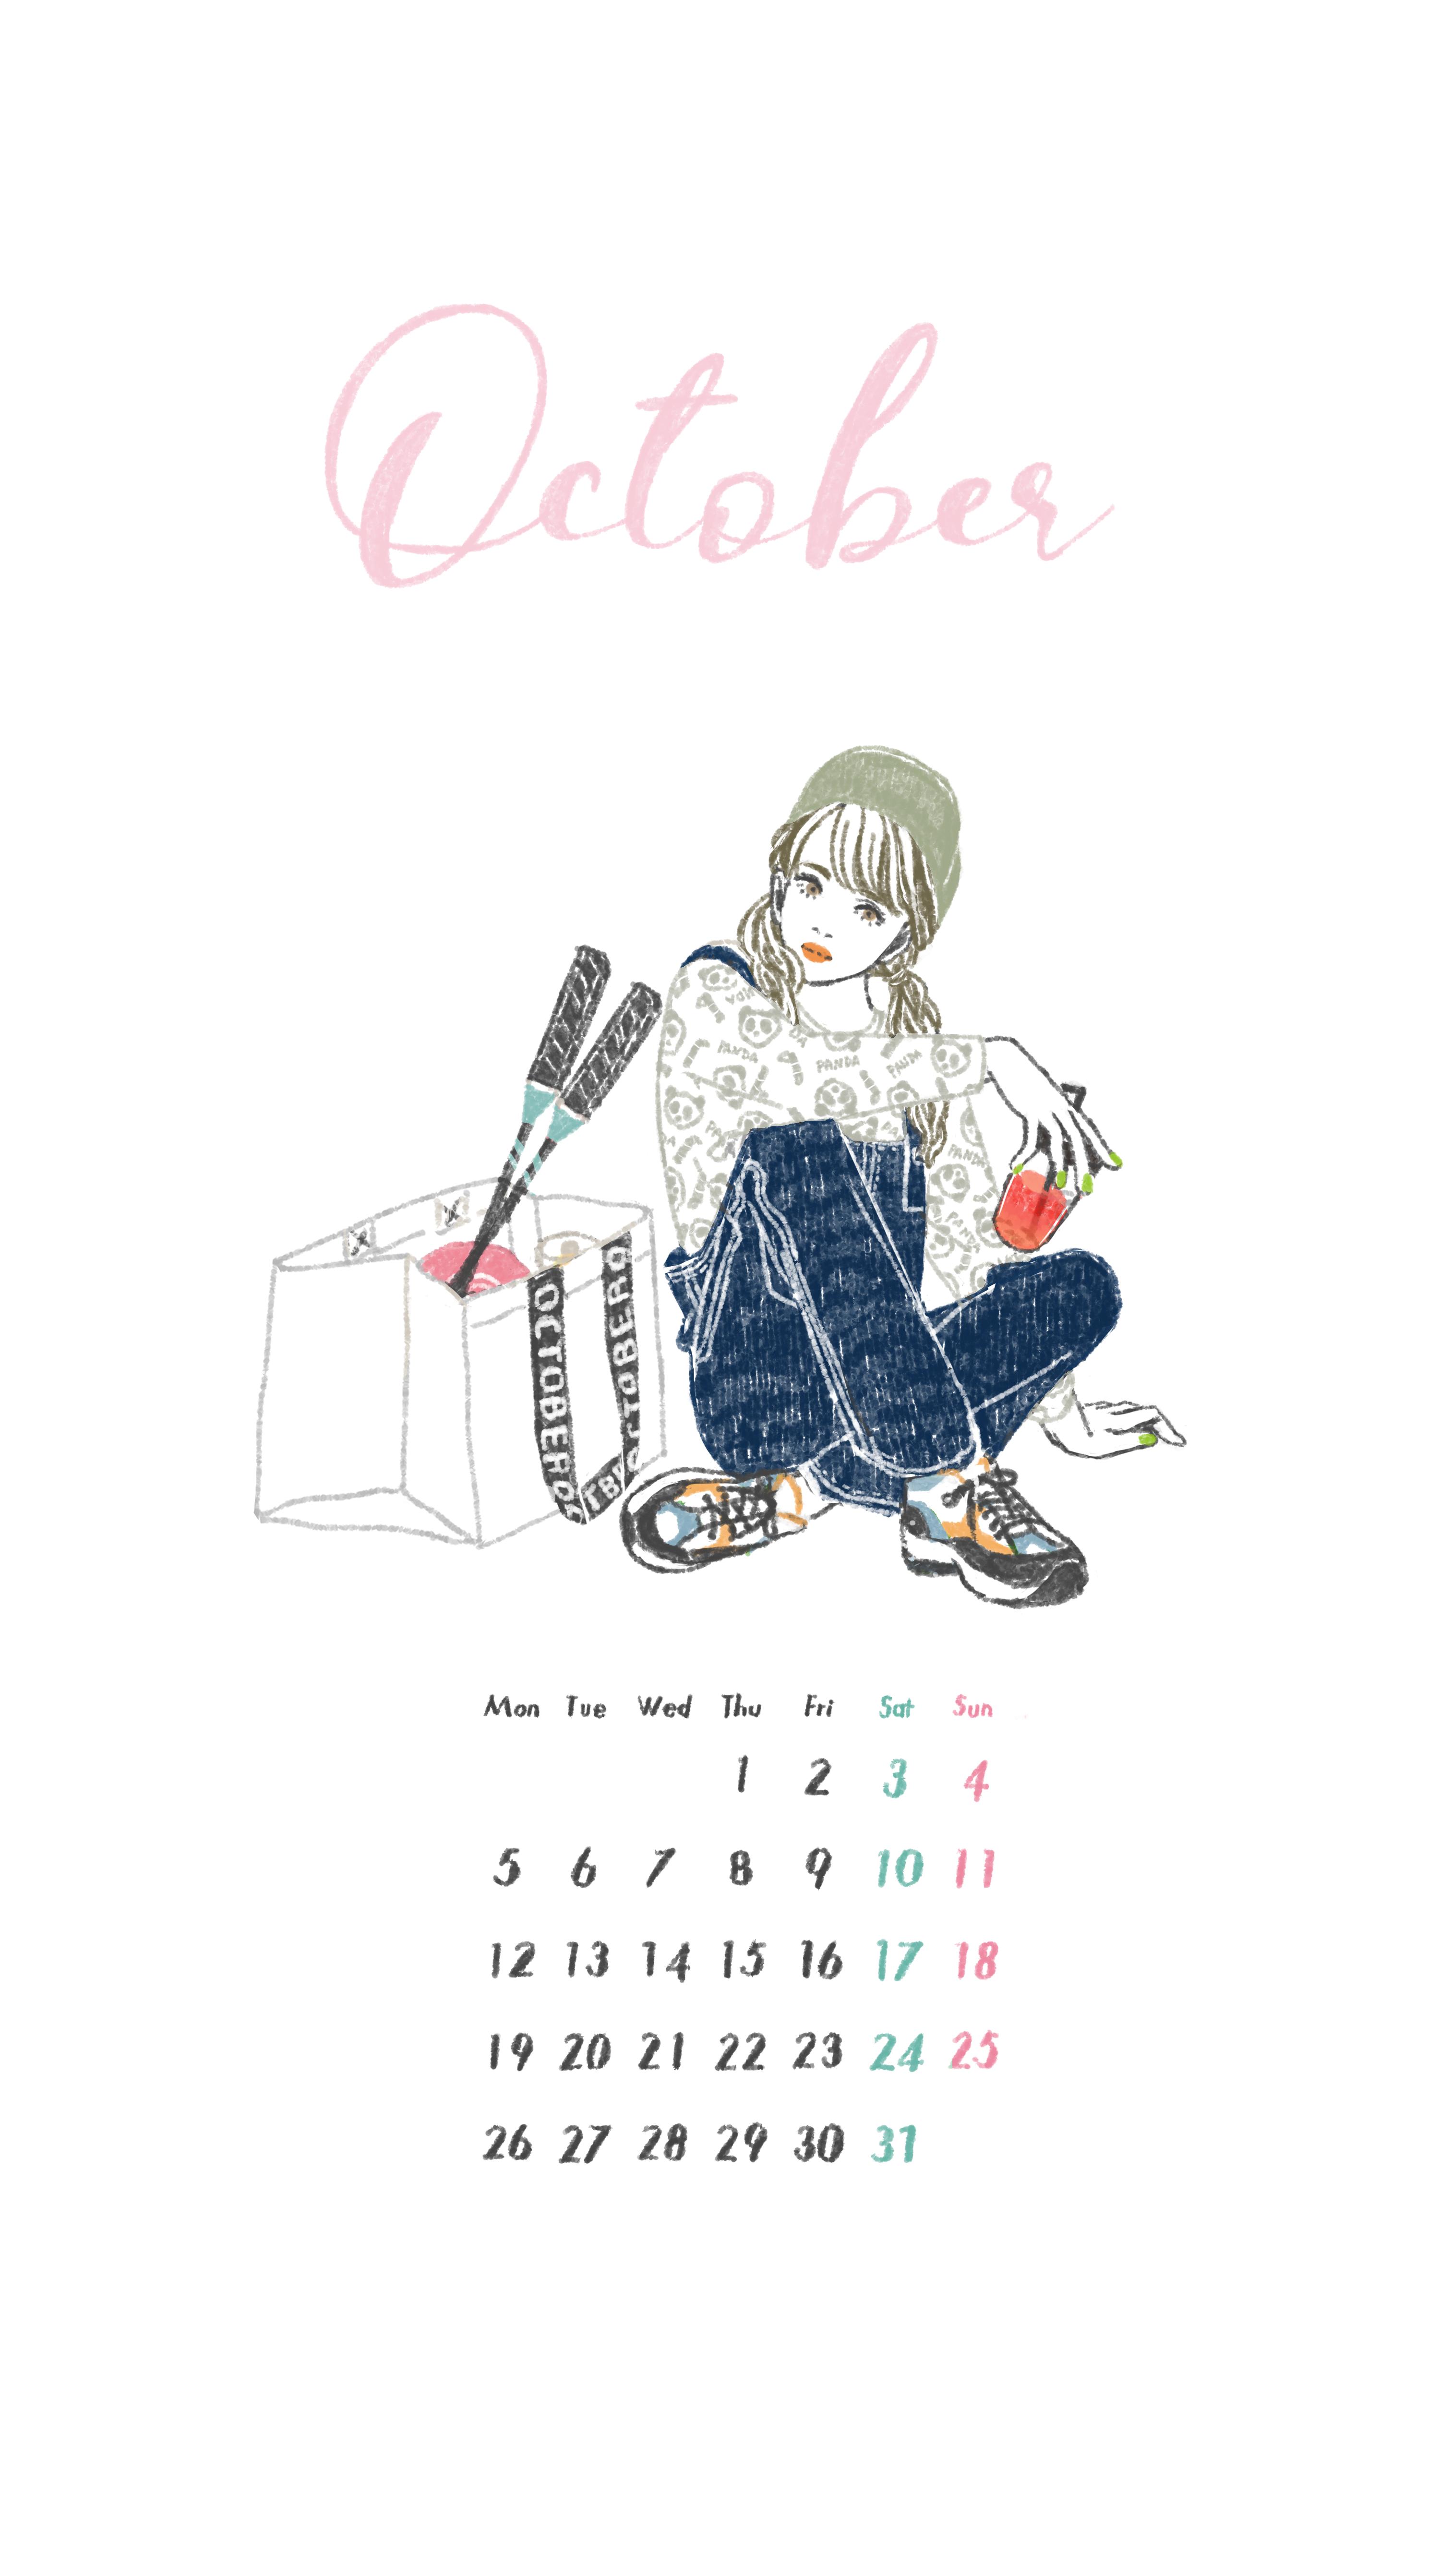 2020年10月カレンダーイラスト